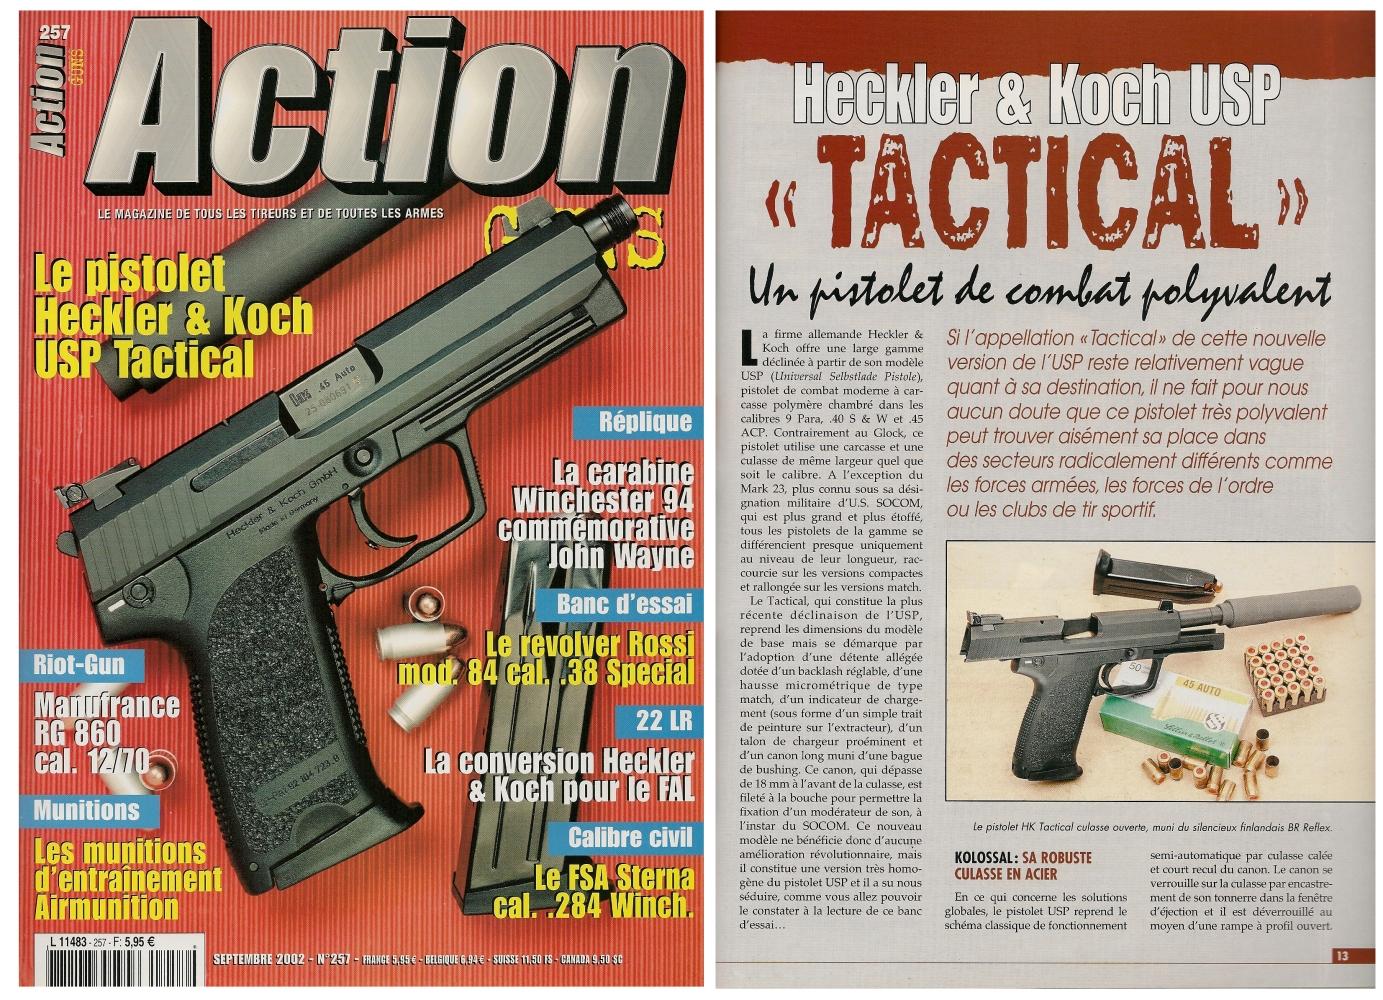 Le banc d'essai du pistolet HK USP Tactical a été publié sur 9 pages dans le magazine Action Guns n° 257 (septembre 2002).